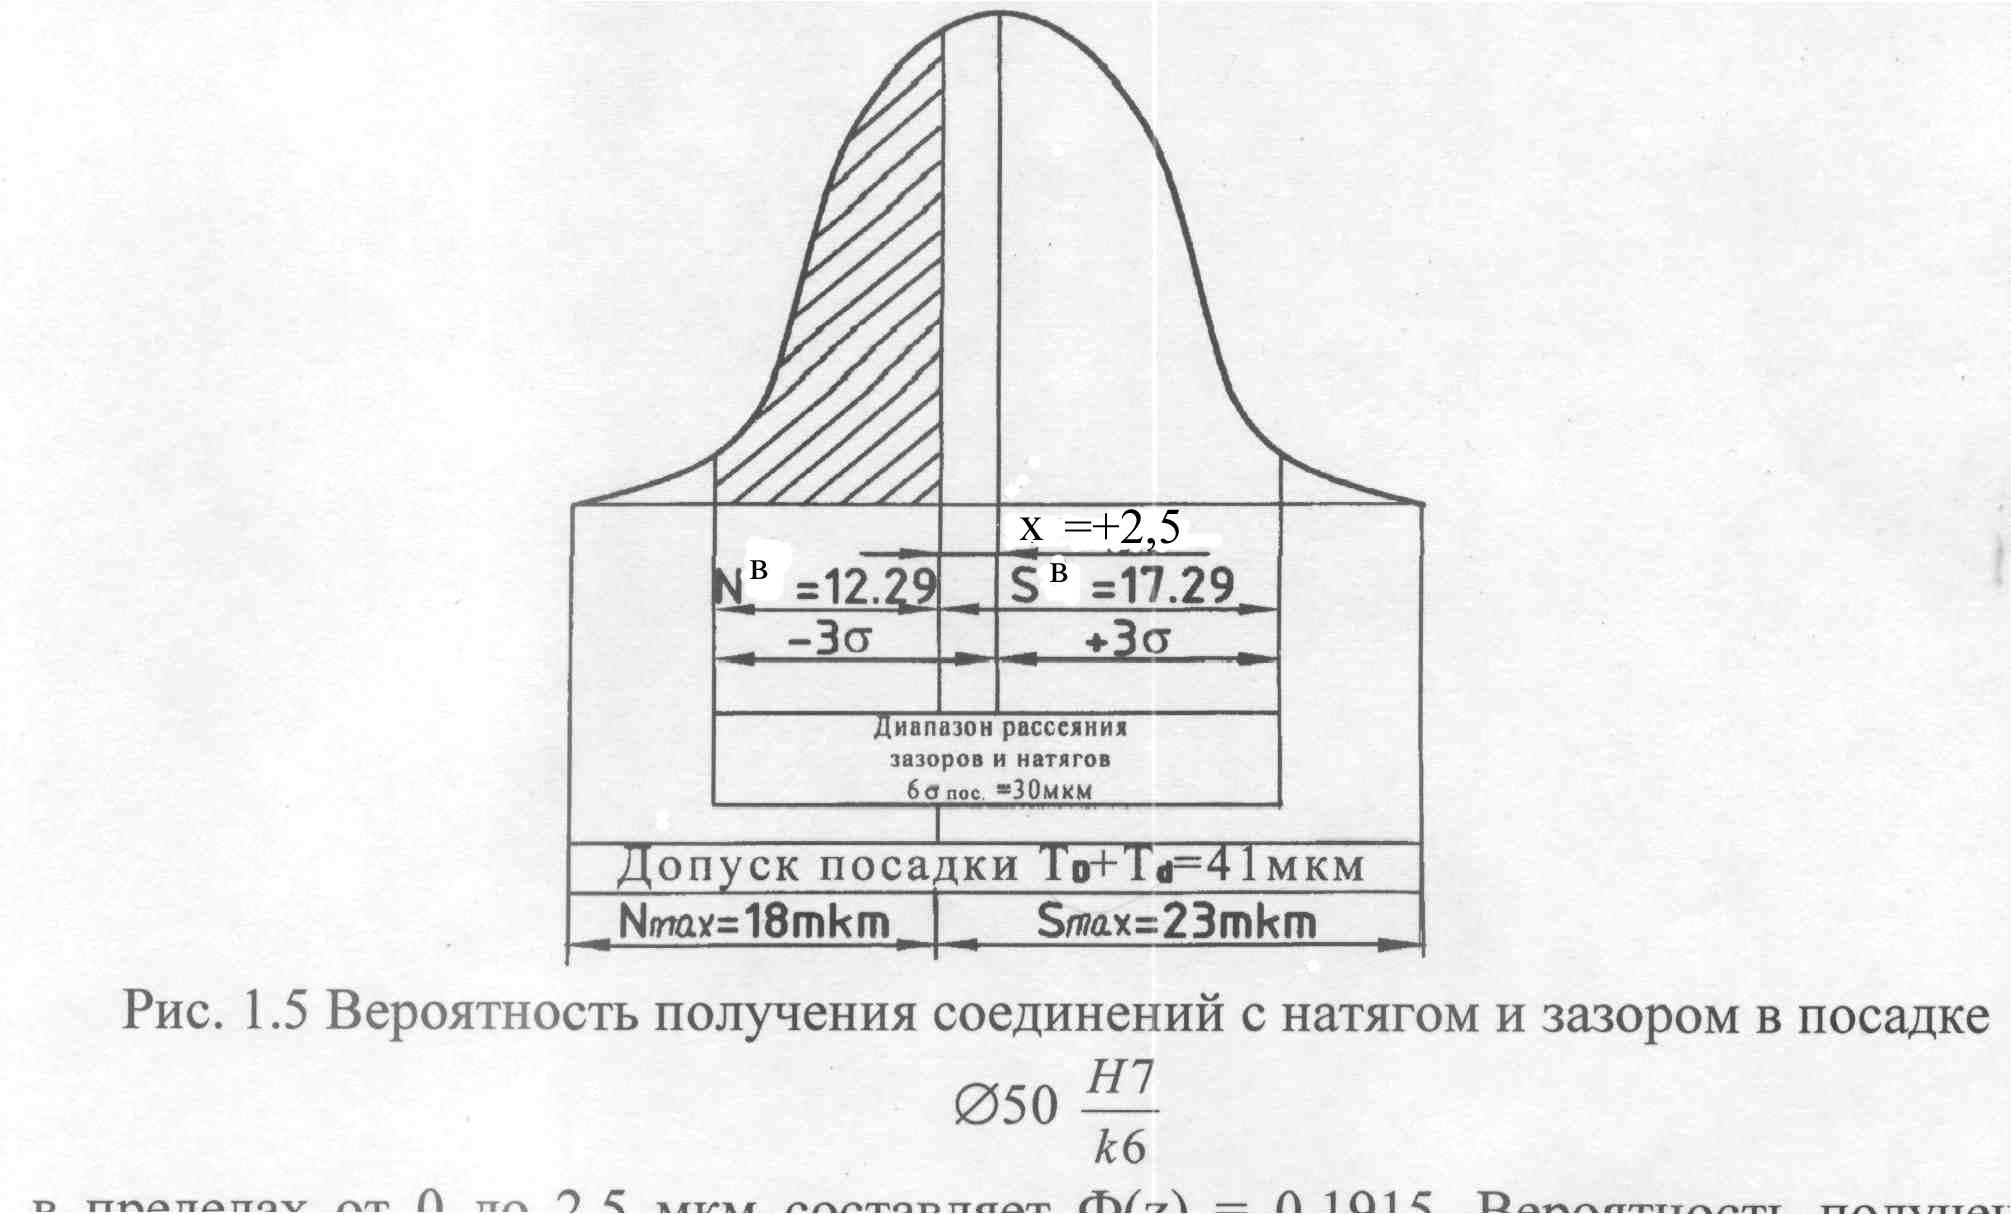 создания максимального как определить вероятность получения зазоров или натягов море